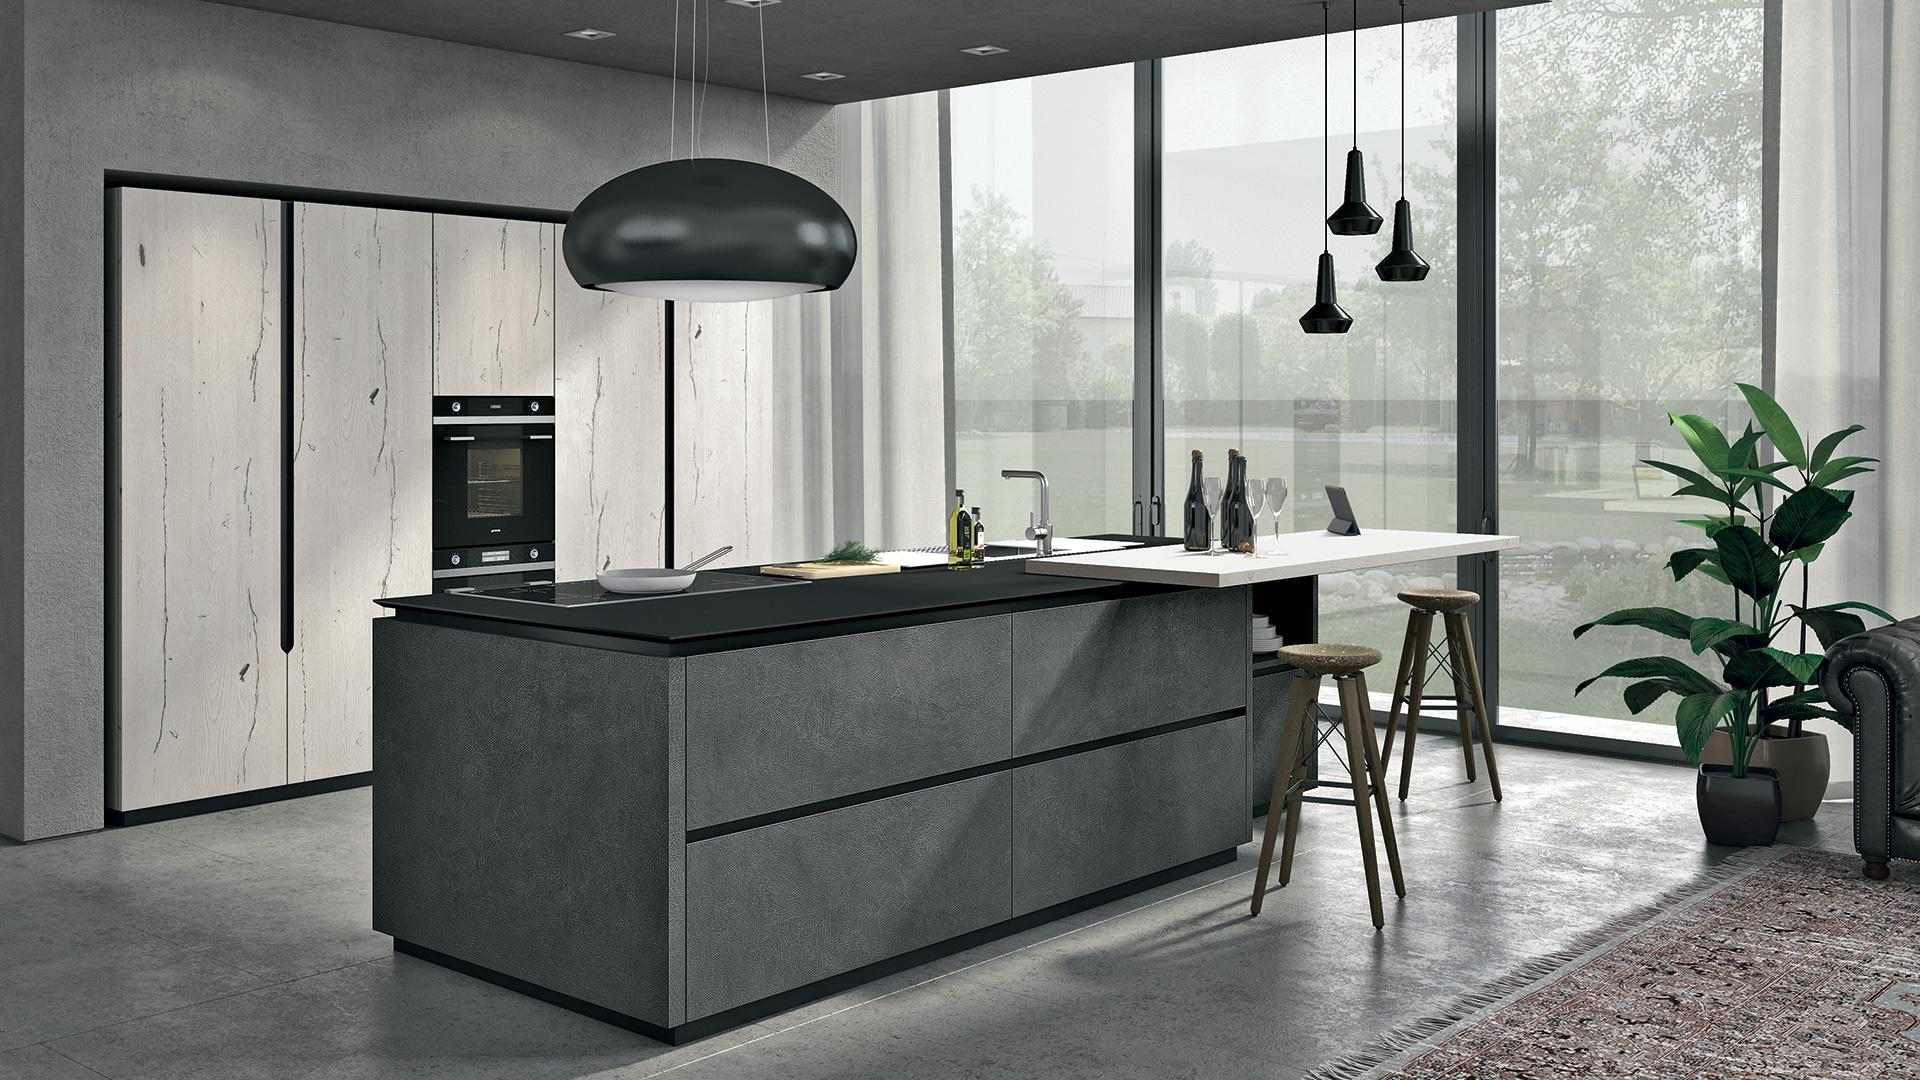 Oltre lube cucine punto arredo - Cucine moderne con isola lube ...